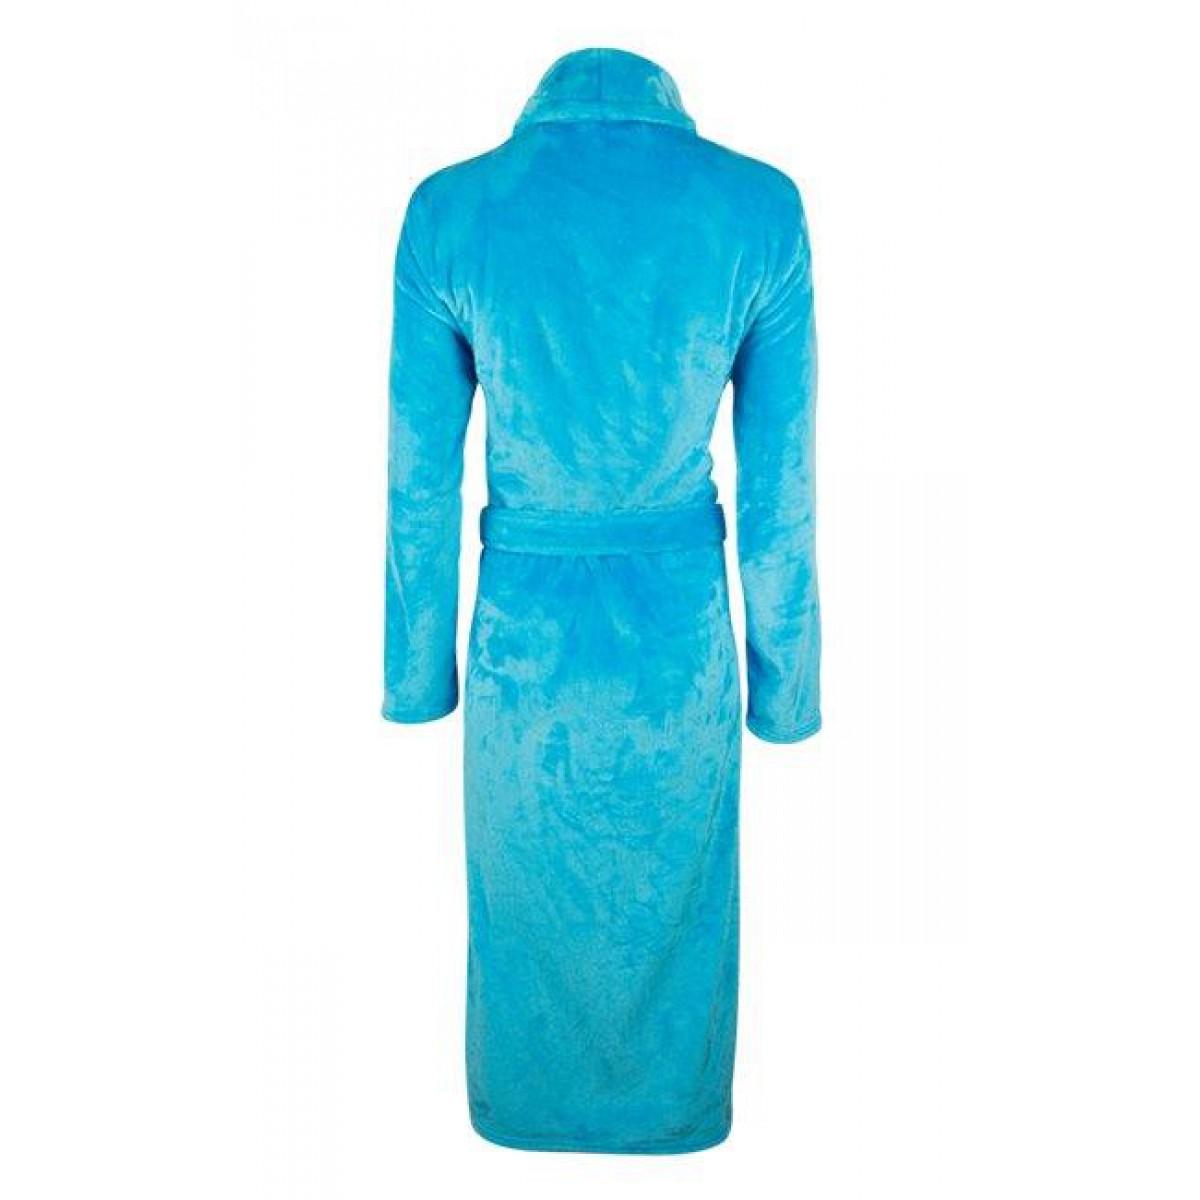 Dames badjas aquablauw